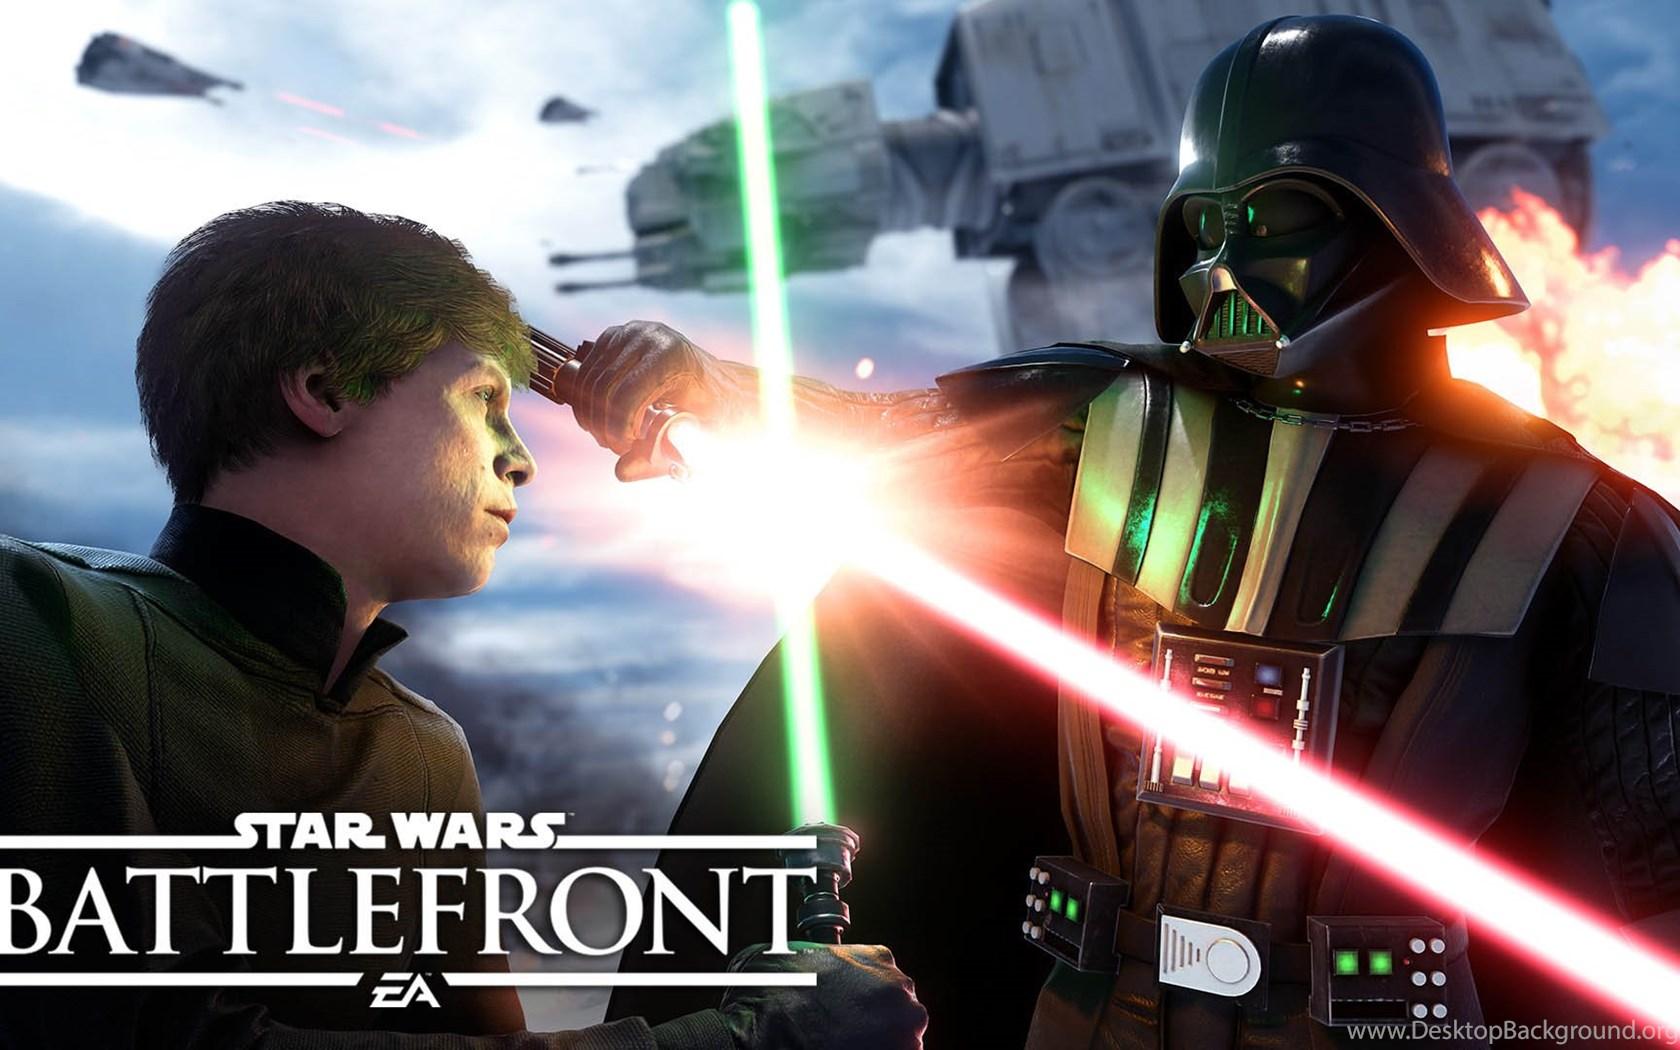 503036 luke skywalker vs darth vader star wars battlefront